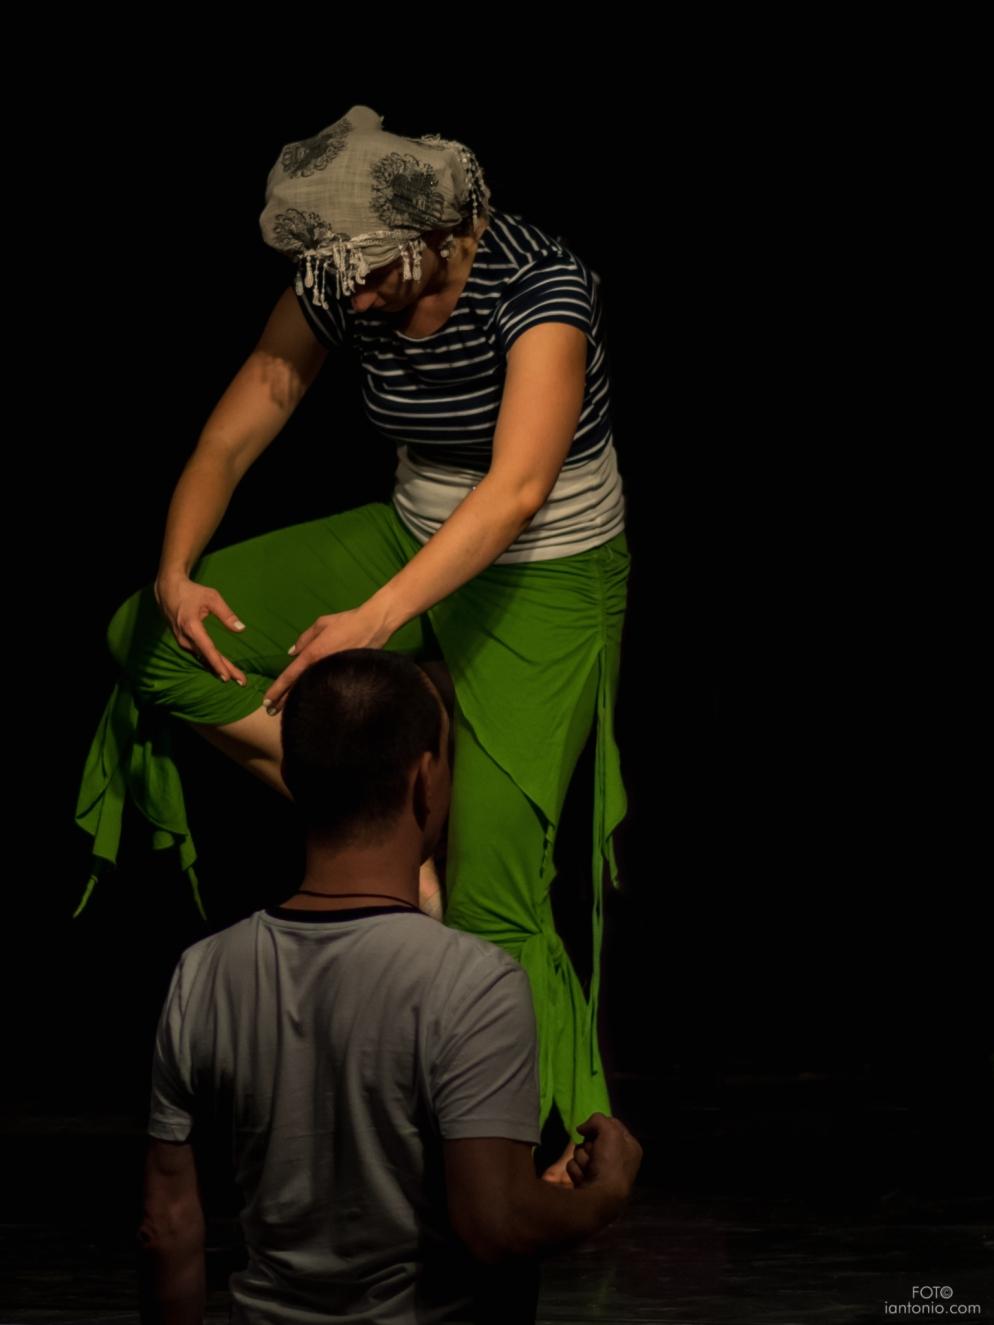 iantonio, iantonio.com, ian antonio patterson, ian-antonio-patterson.com, dance photography, photography image portfolio, berlin, jomdance abschlussprüfung, iantonio photography, iantonio-photography, iantonio.pix